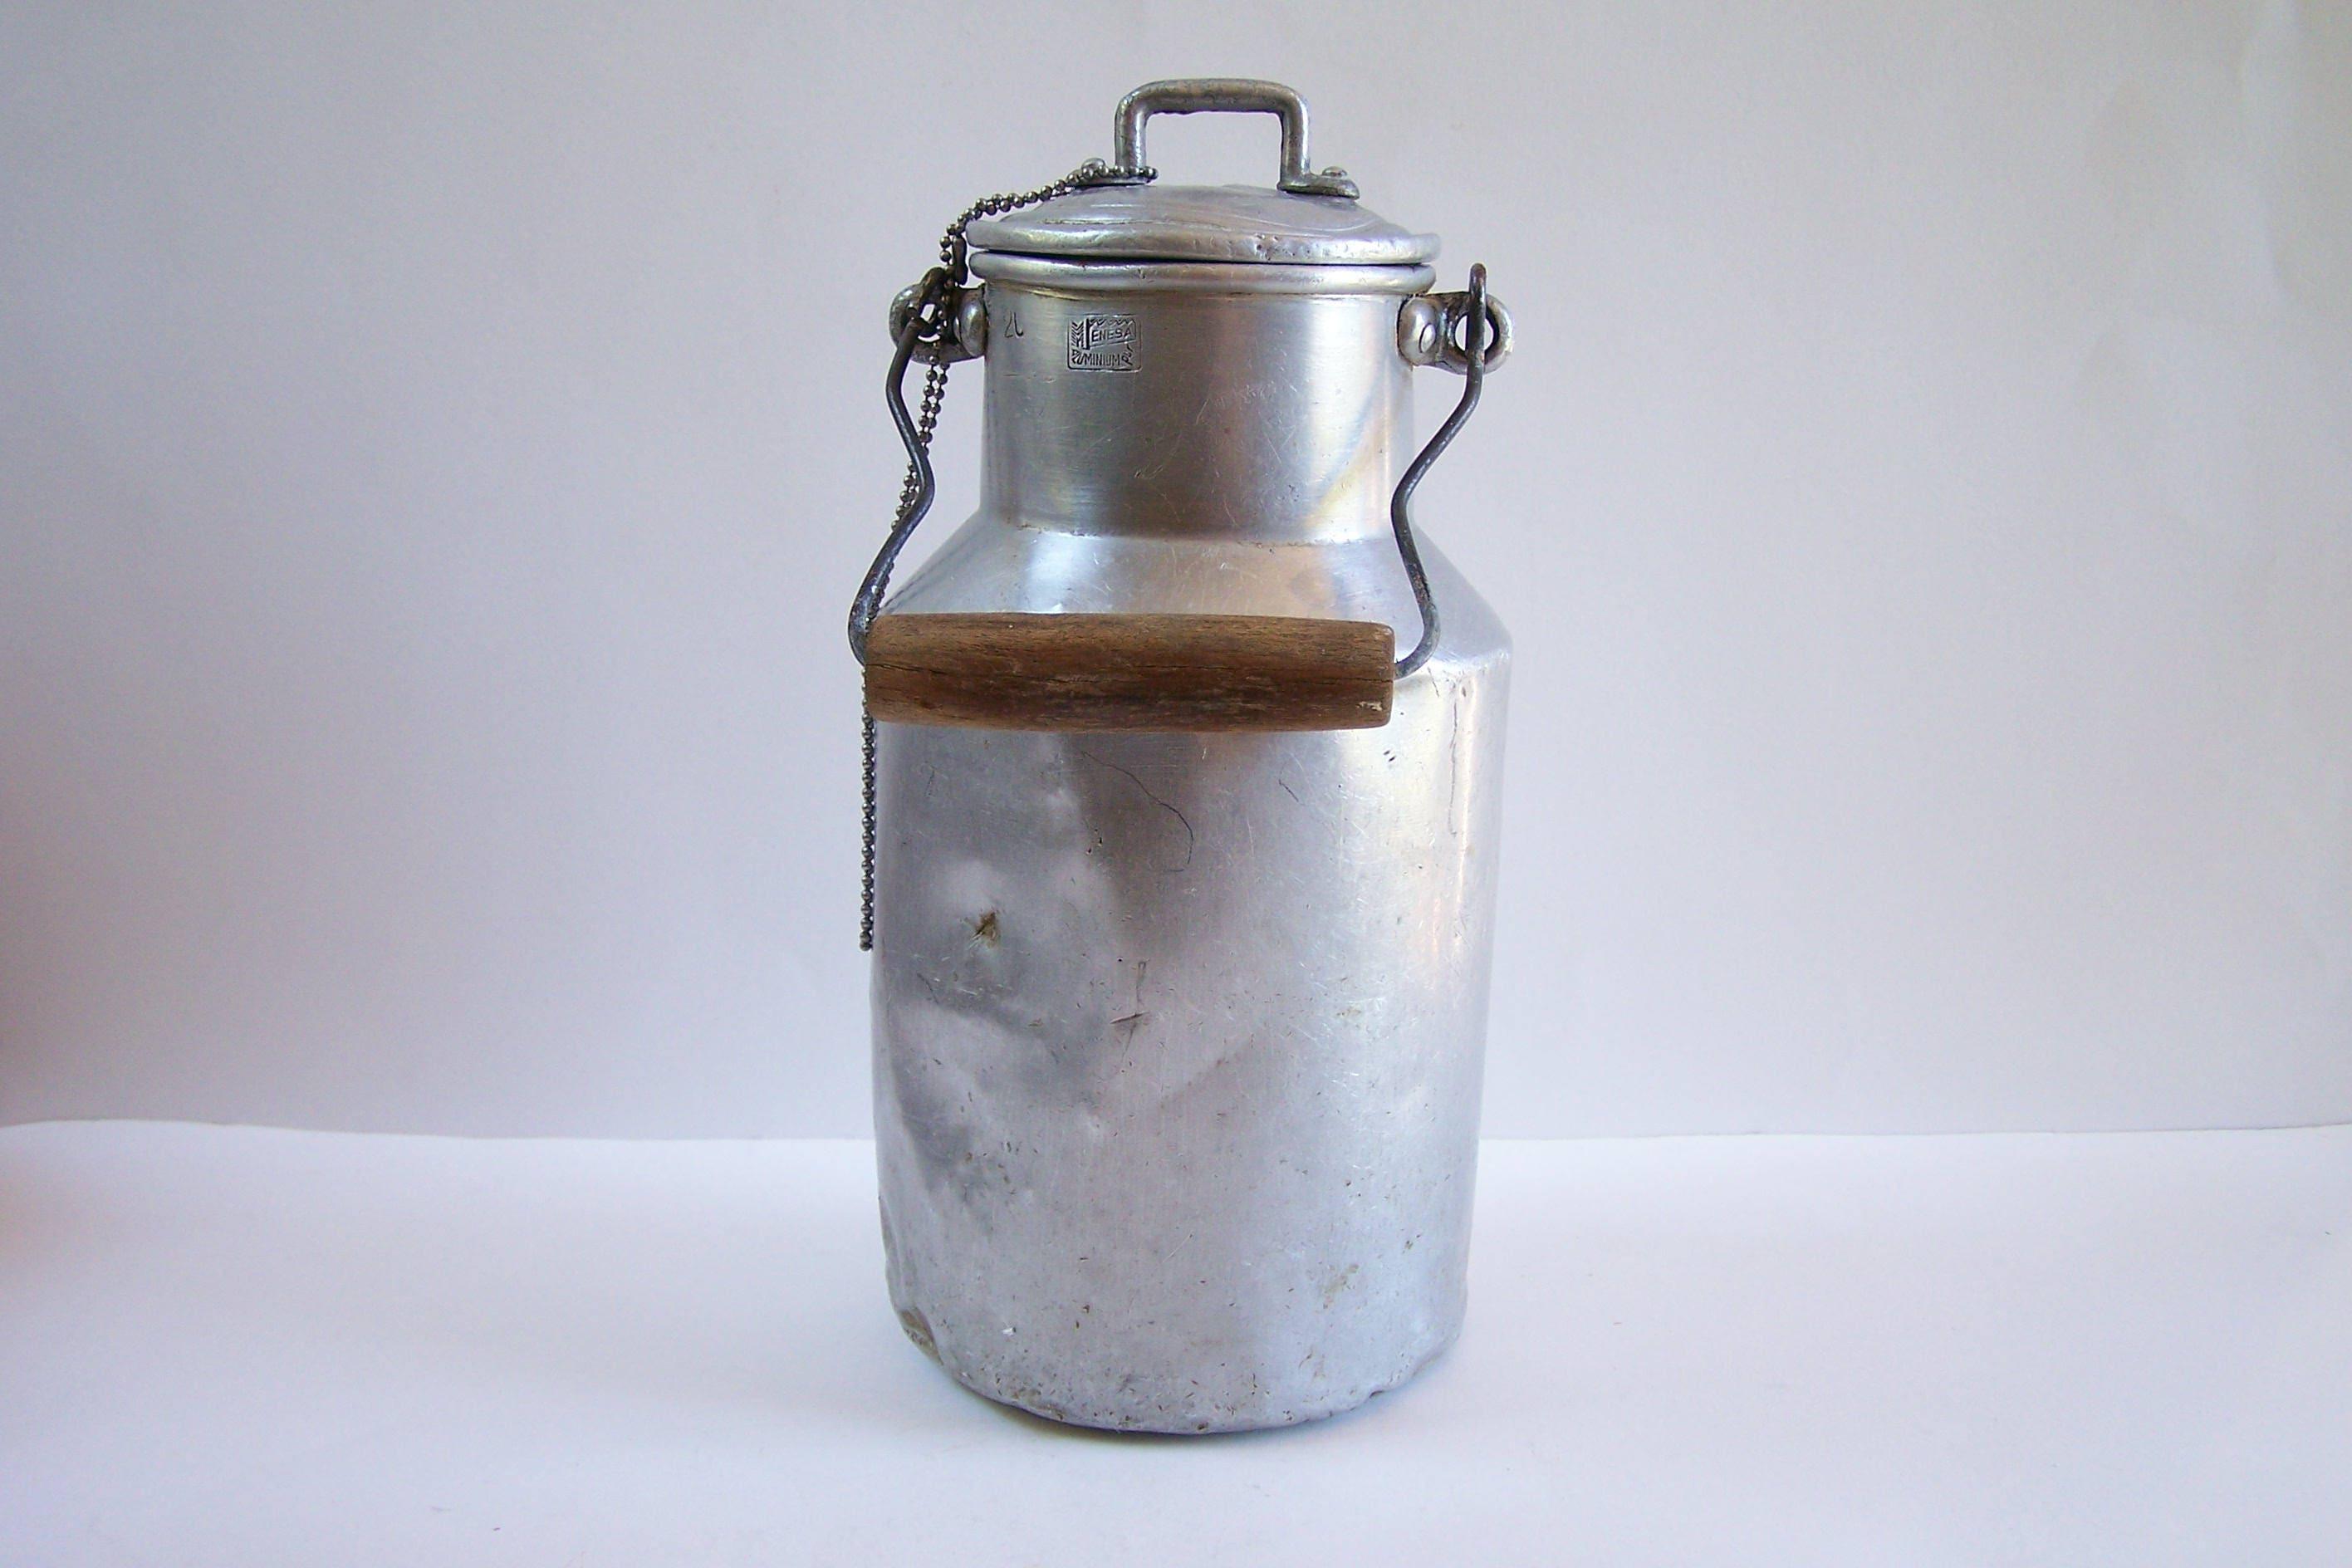 pot 224 lait en aluminium menesa ancien pot au lait vintage 1950